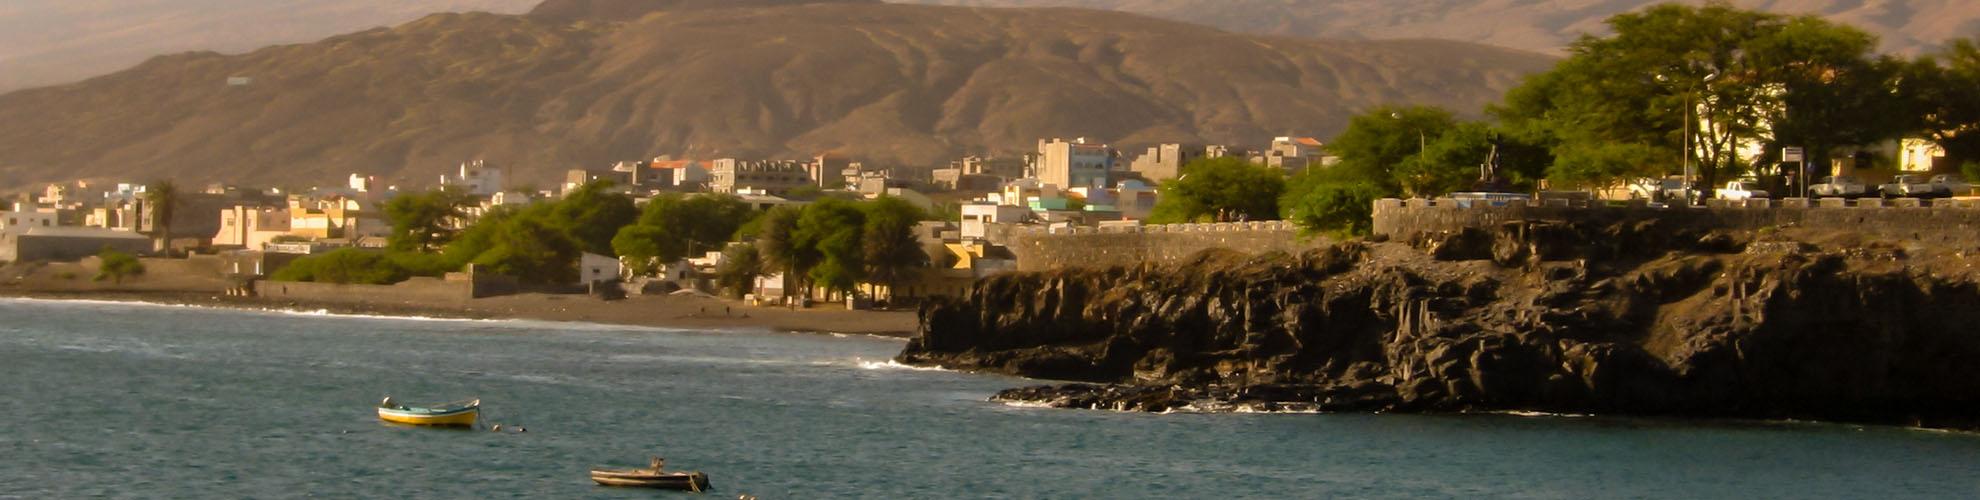 kapp kart Kapp Verde kart   Cape Verde i kartet (Vest Afrika   Afrika) kapp kart